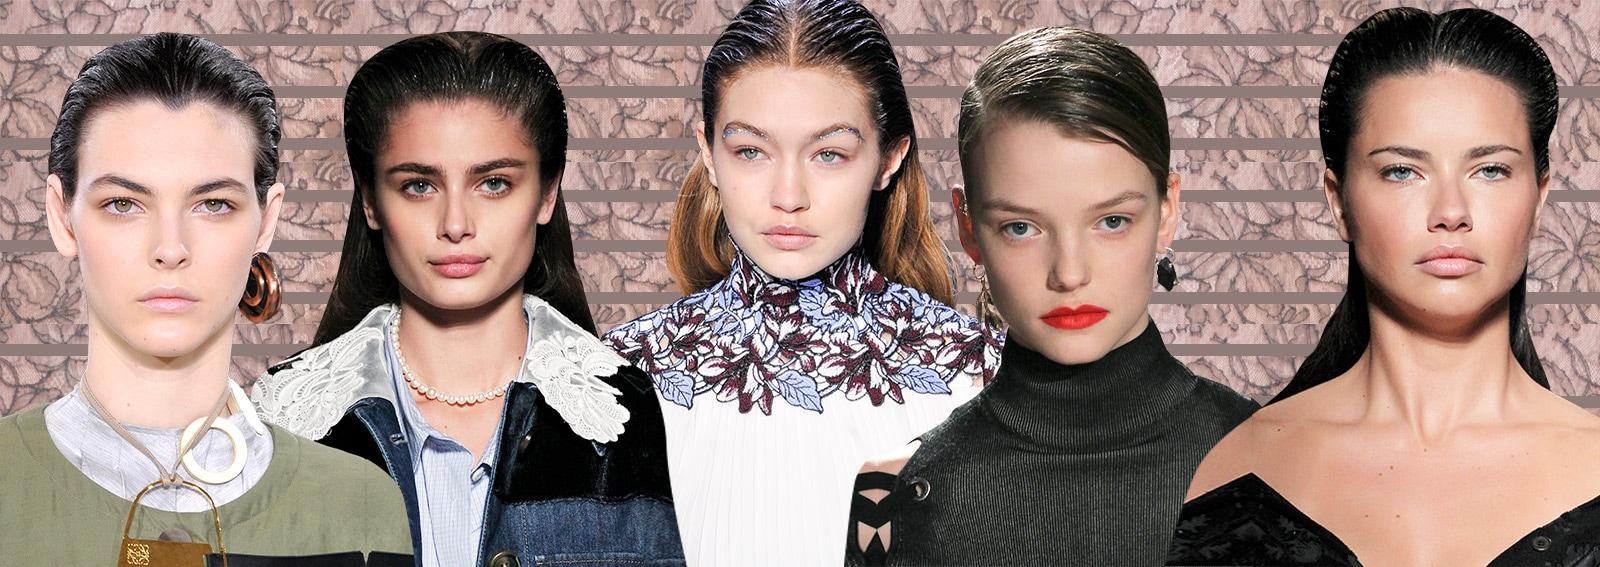 cover-Capelli sleek i migliori hair look dell'Autunno-Inverno 201617-desktop